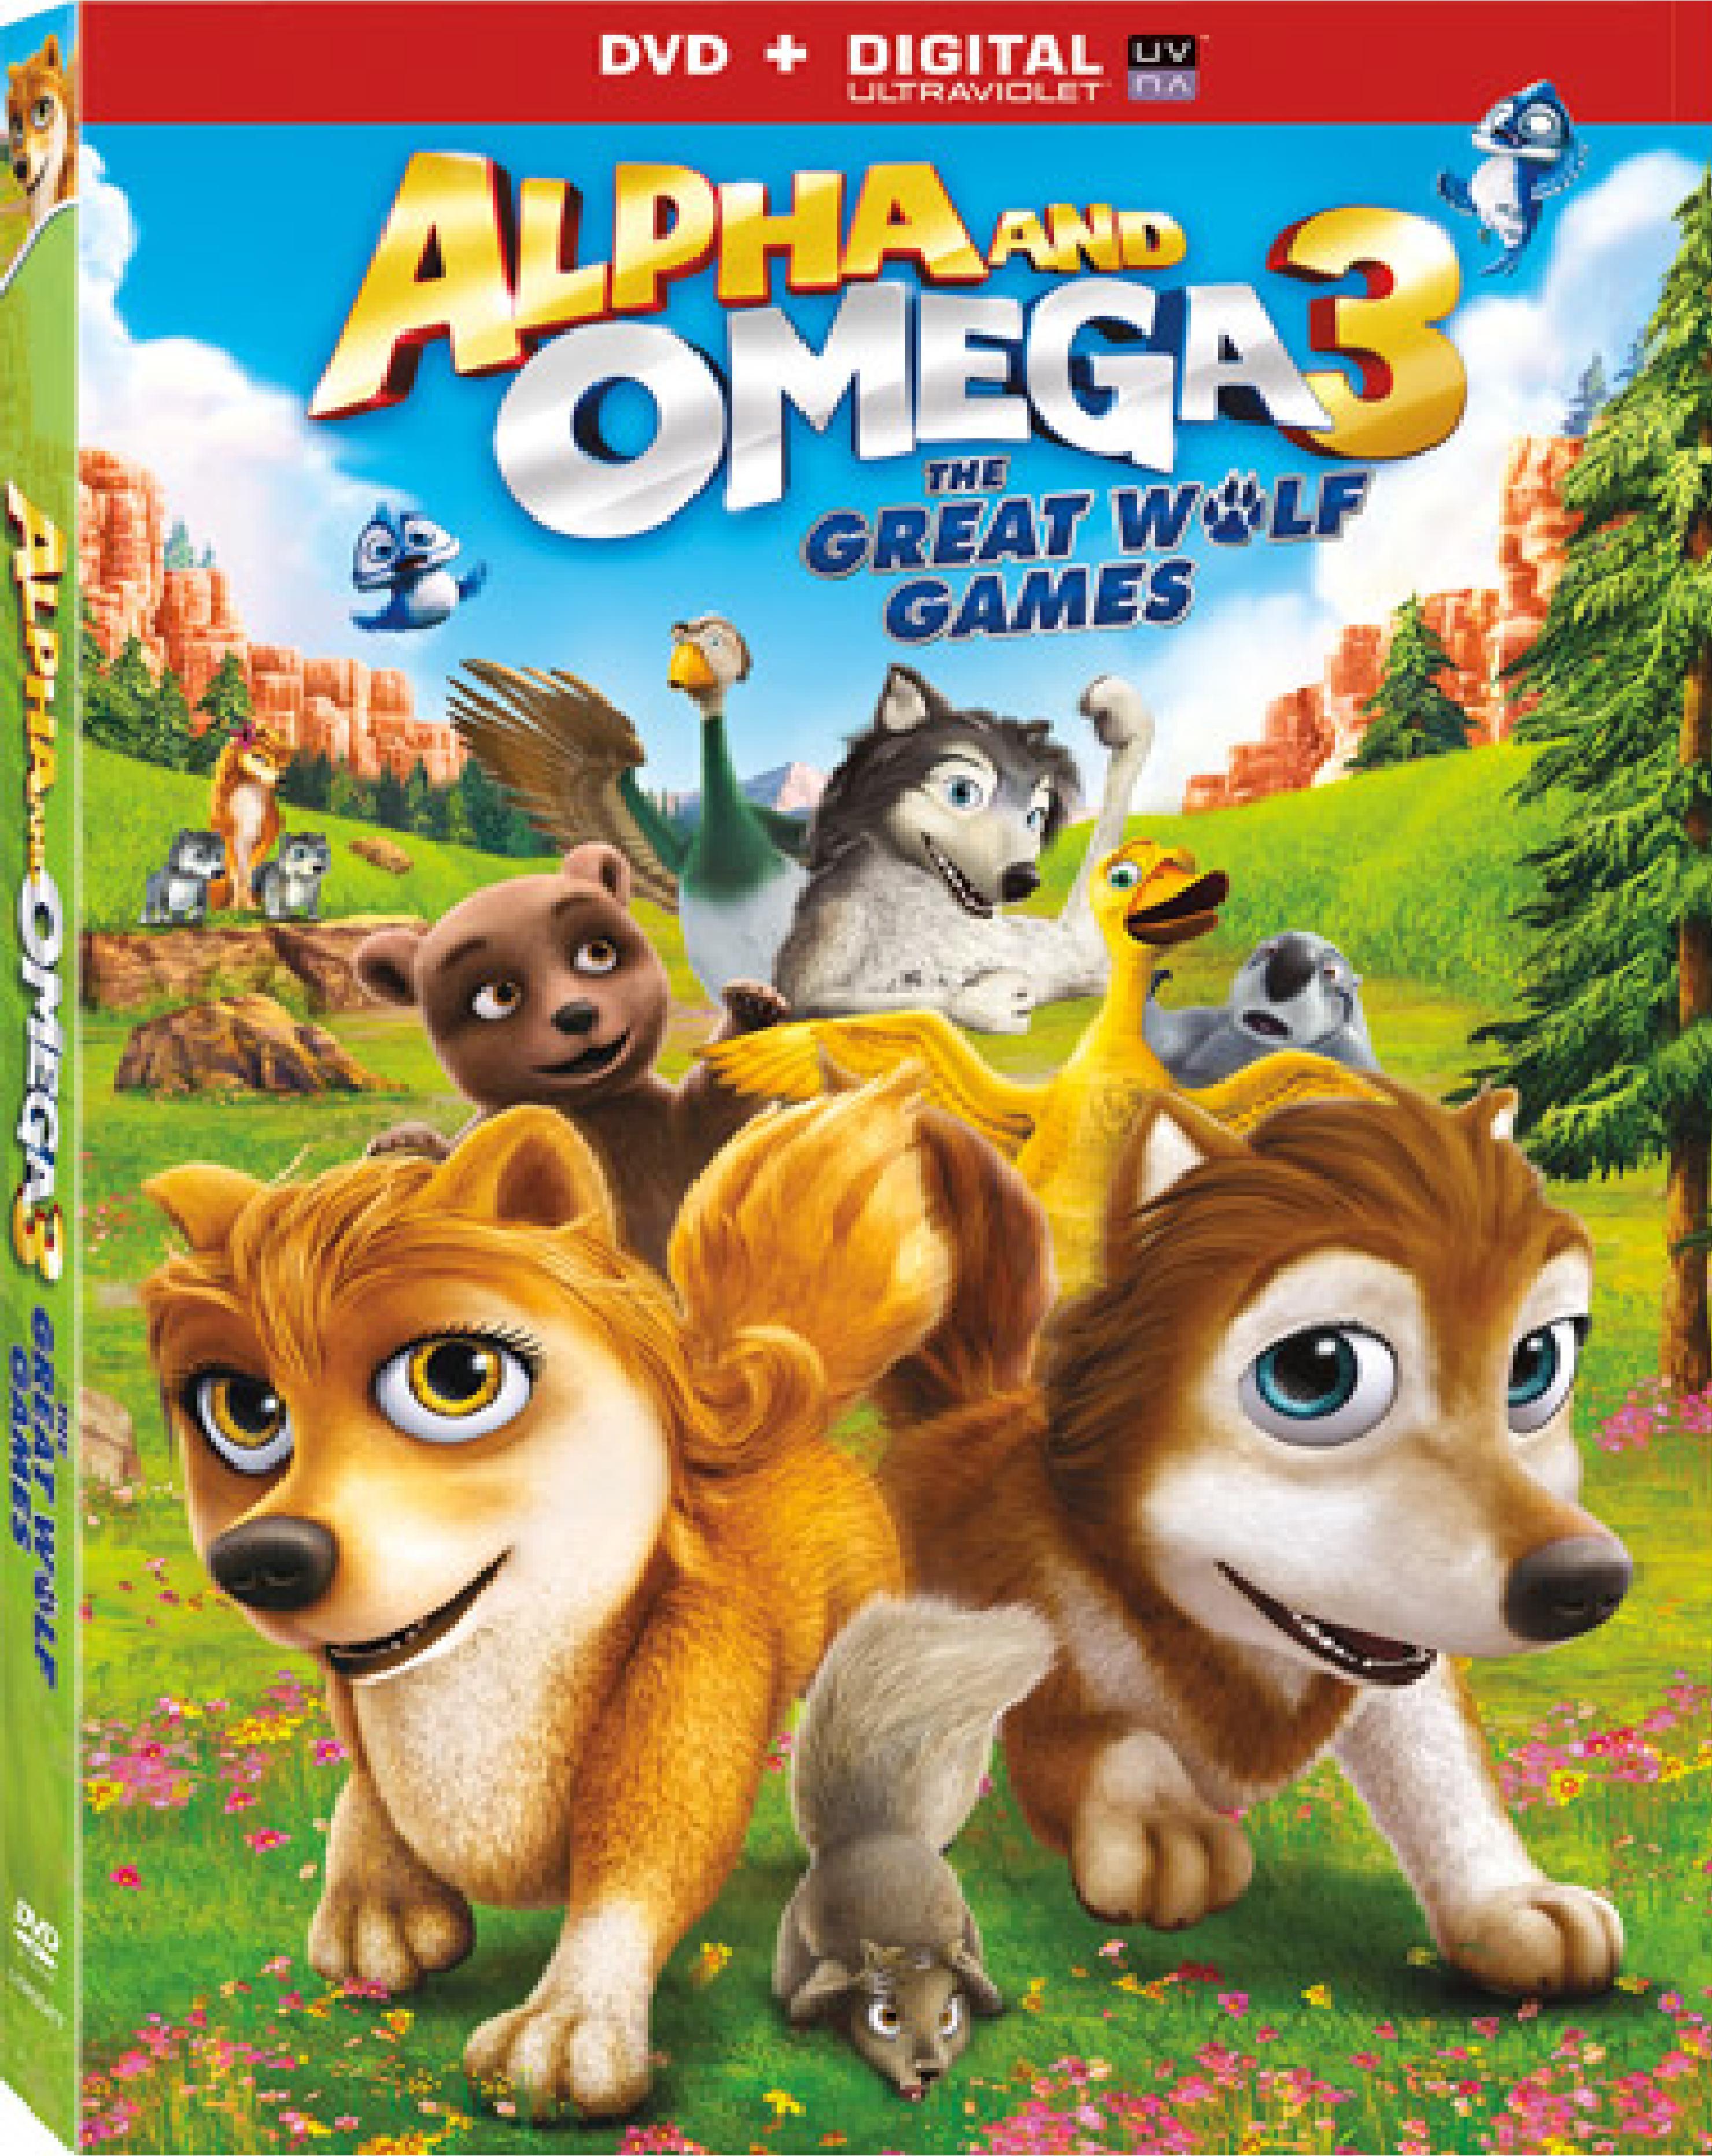 Alpha and Omega 3: The Great Wolf Games / Алфа и Омега 3: Големите вълчи игри (2014)